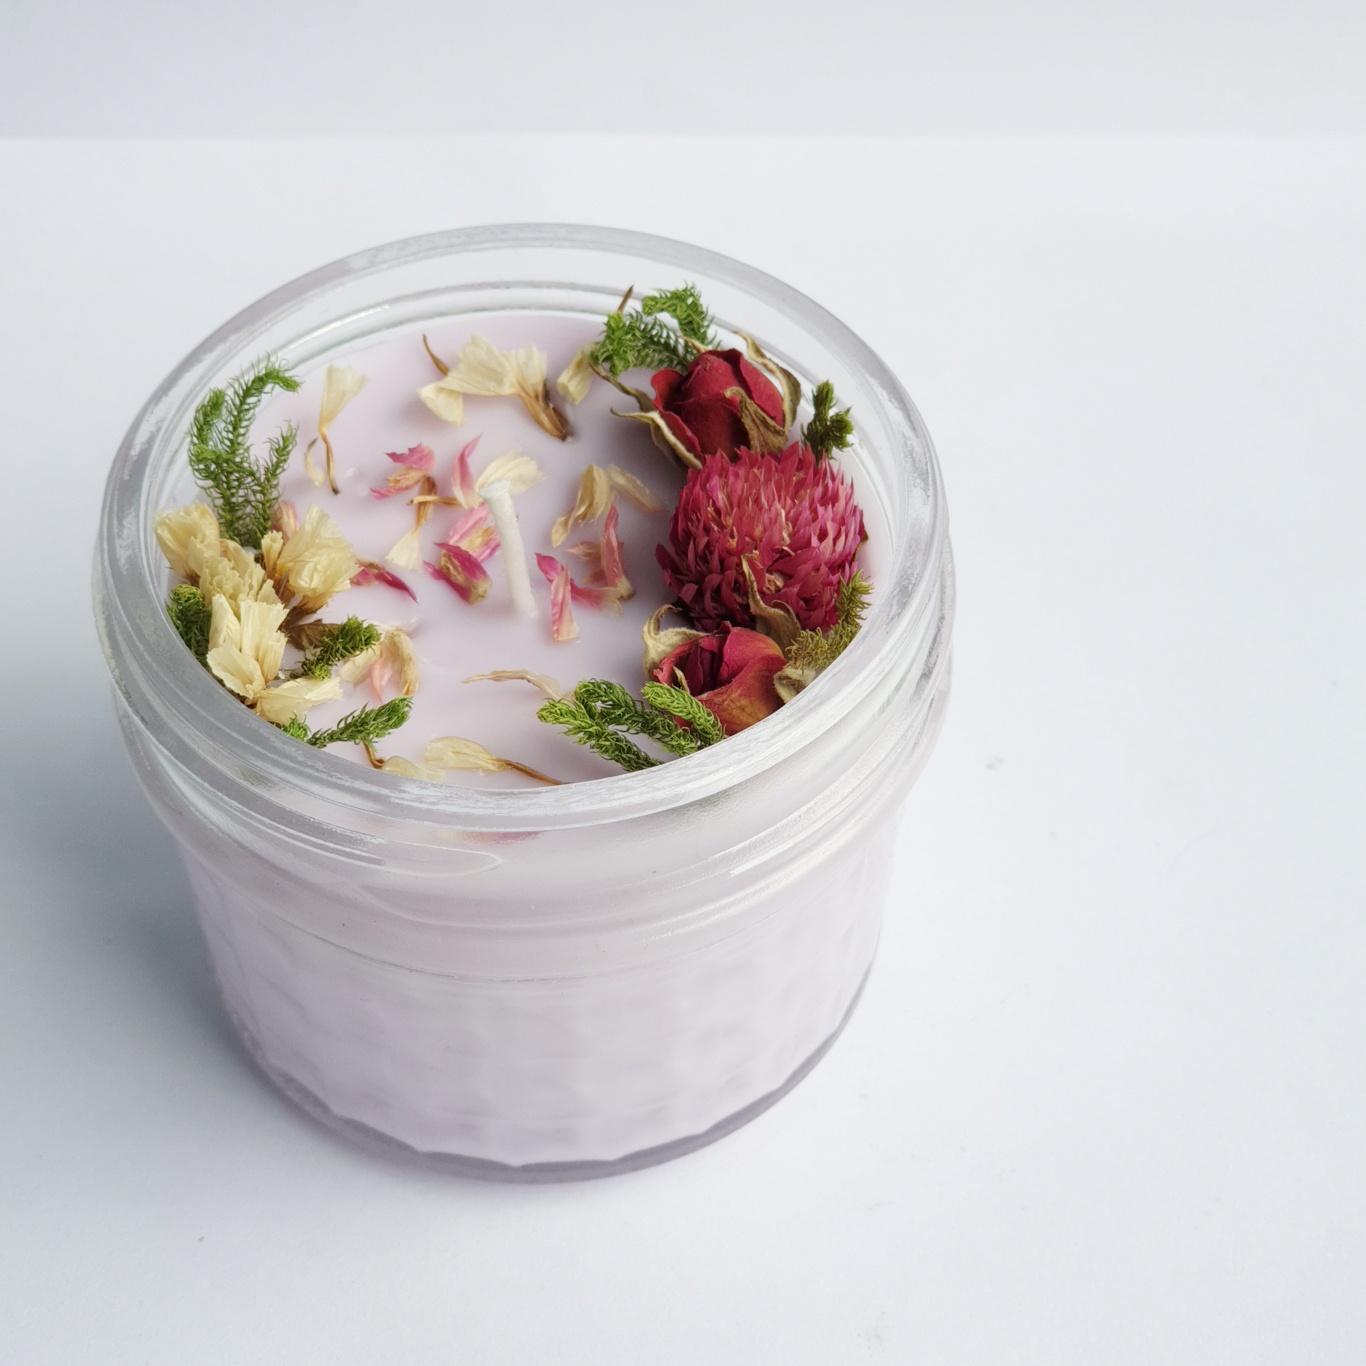 Nến thơm tinh dầu Lavender 100g, giúp thư giãn, thơm phòng, khử mùi, Essential Oil Candle